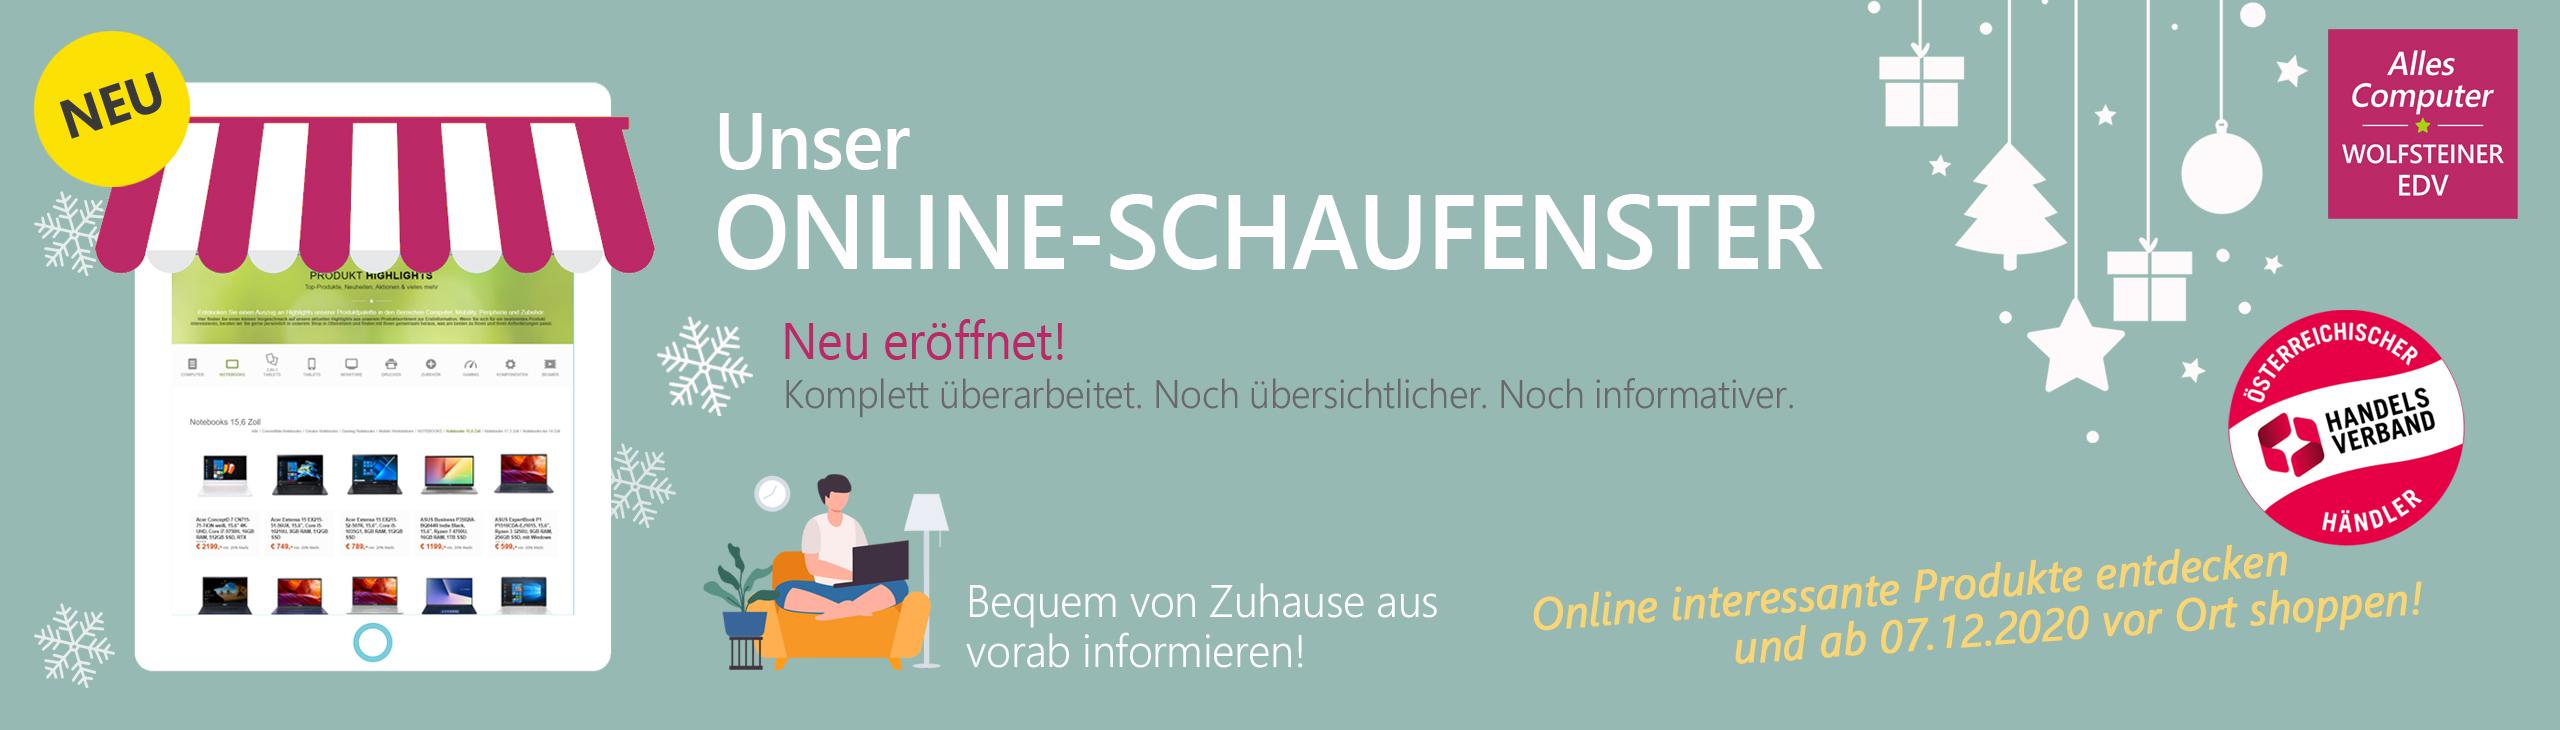 Banner online schaufenster neu